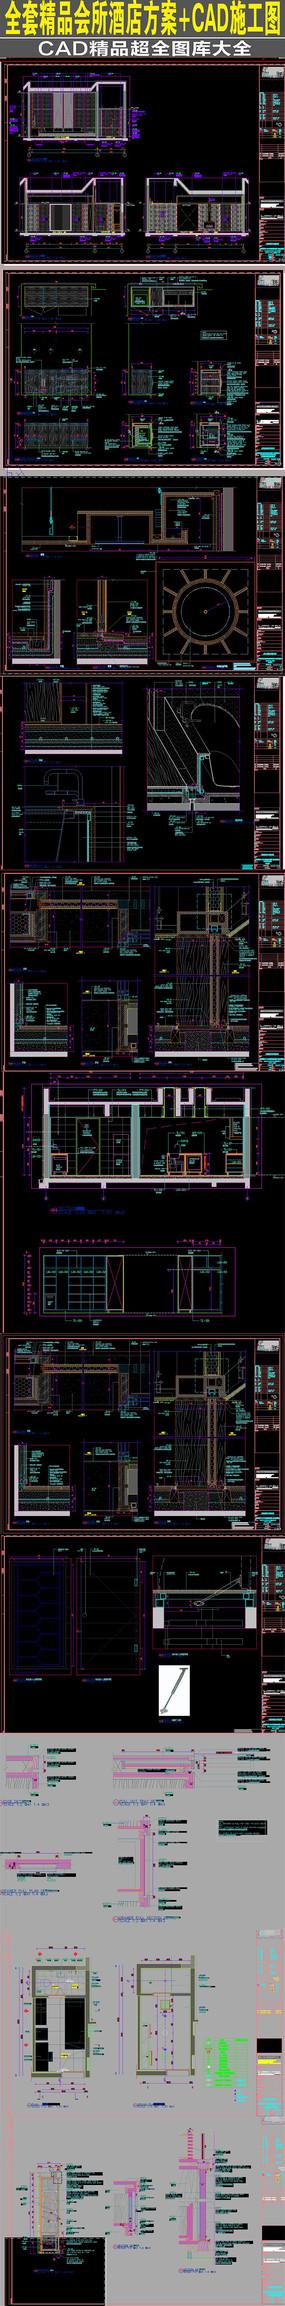 酒店别墅和客房CAD施工图